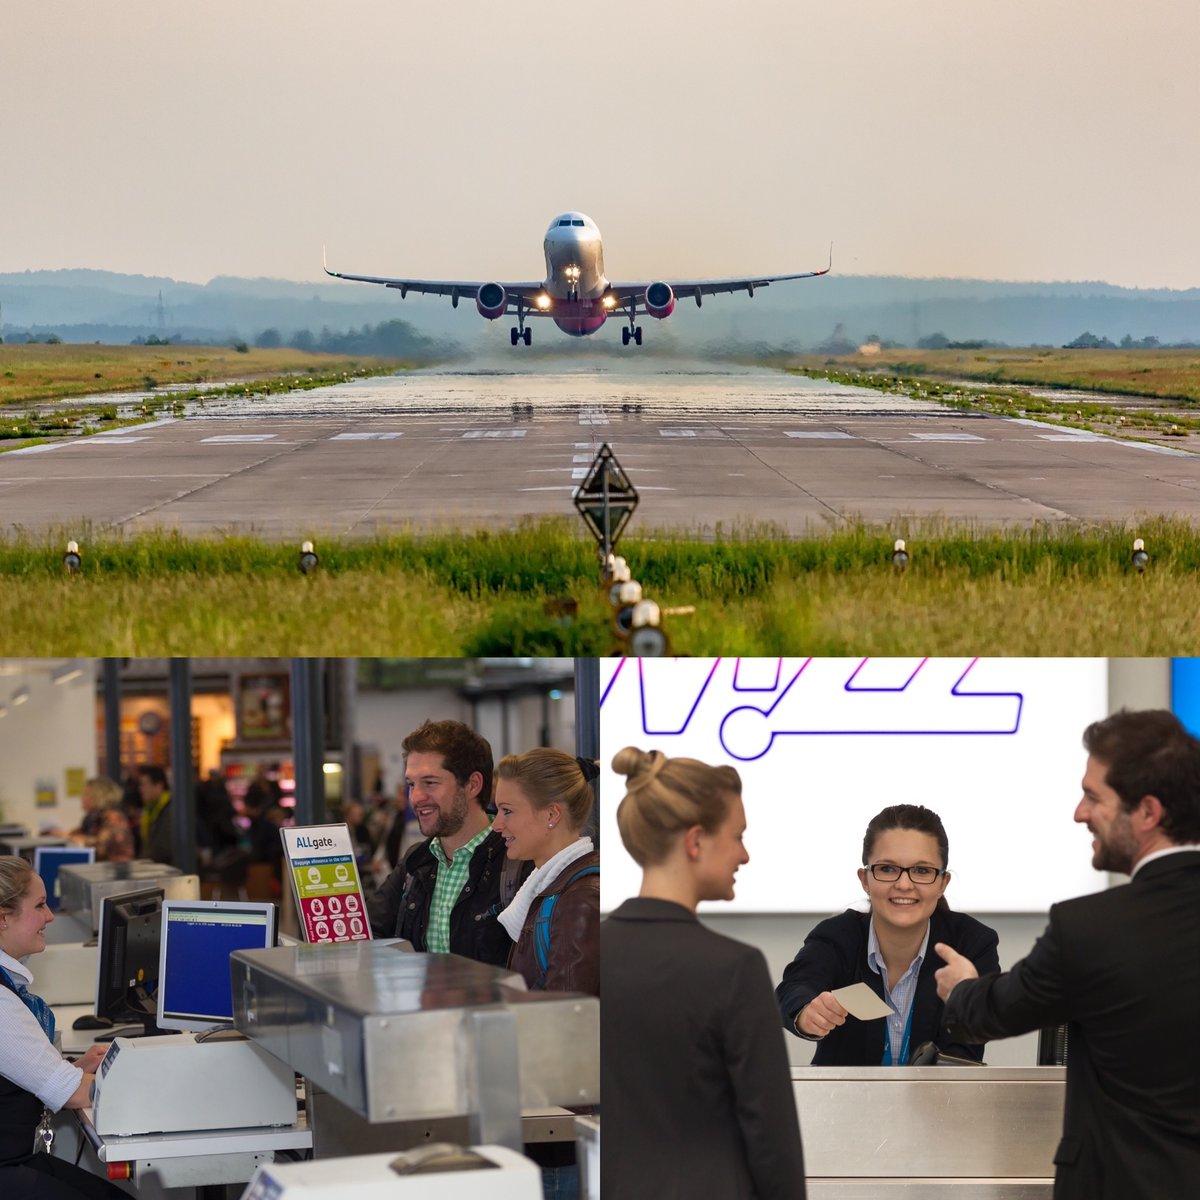 Wir starten wieder voll durch und dafür brauchen wir Dich! Mach Passagiere startklar und bewirb dich jetzt als Check-in Agent. Flughafen Memmingen – Dein Airport in der Region  https://t.co/o0pxzMJUwt #memmingenairport #deinairportinderregion #komminsteam https://t.co/HWgAXePwGW